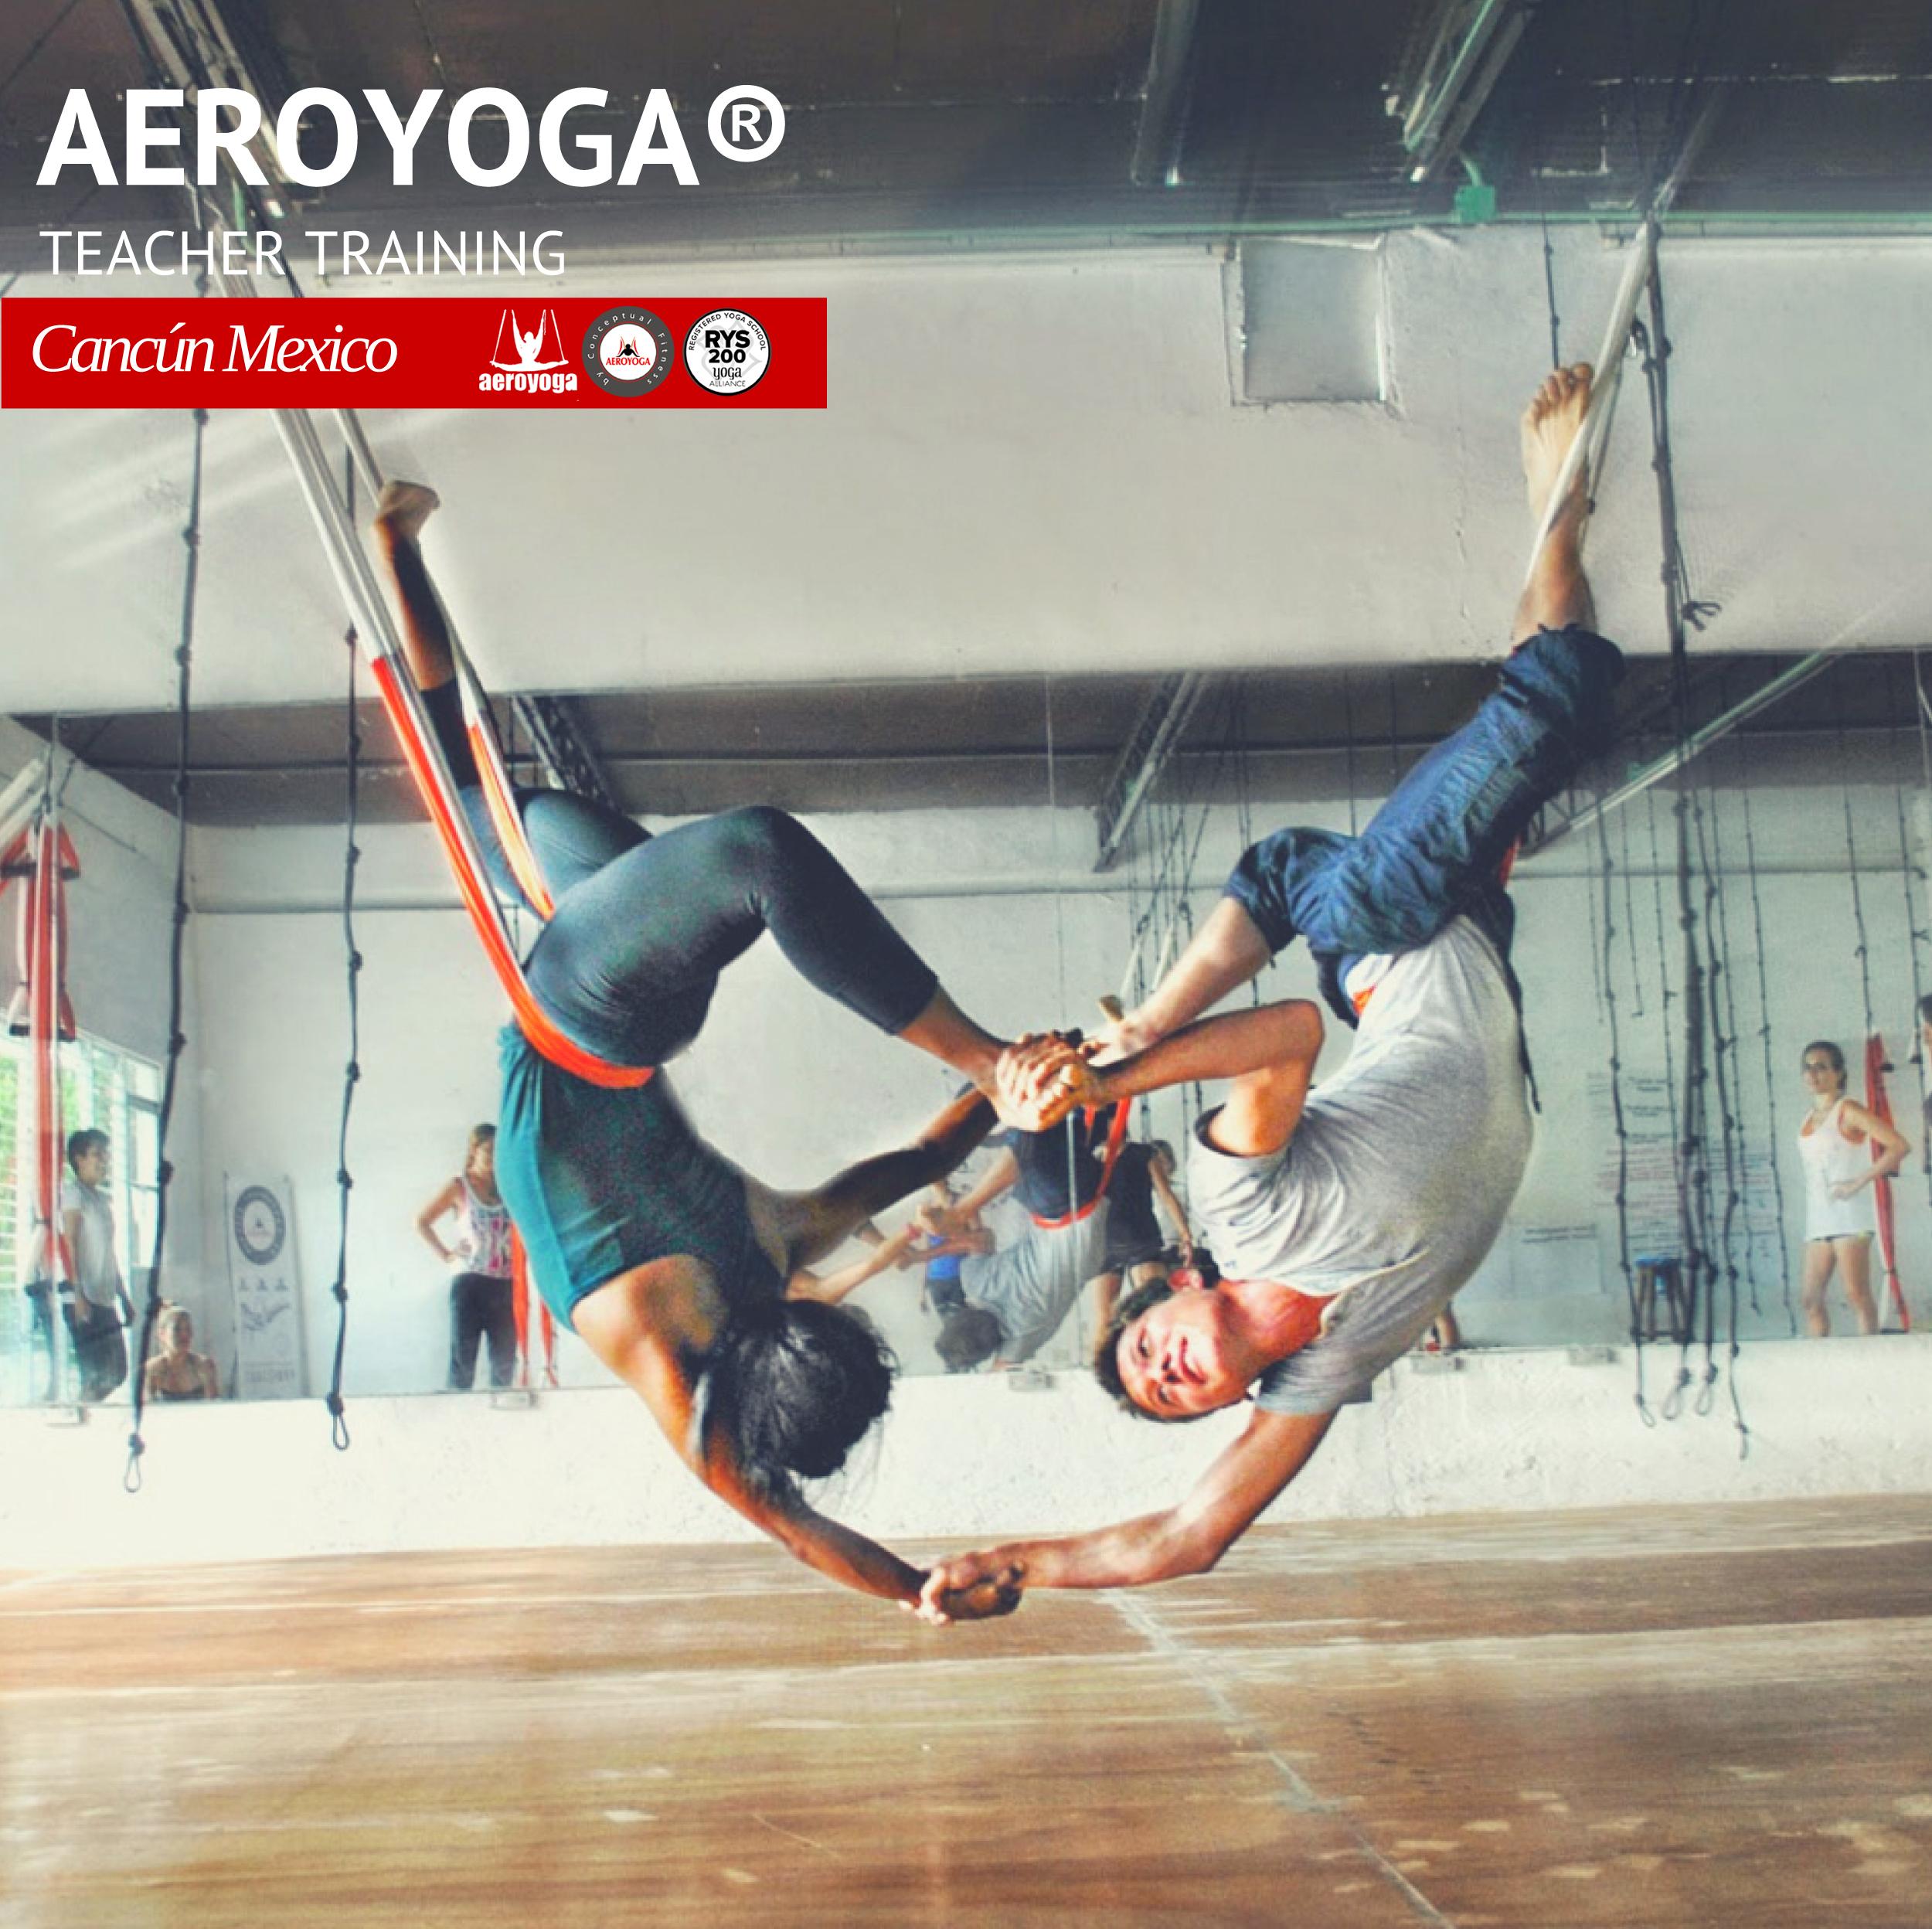 Yoga Aéreo Acrobático, Ejercicio AeroYoga ®